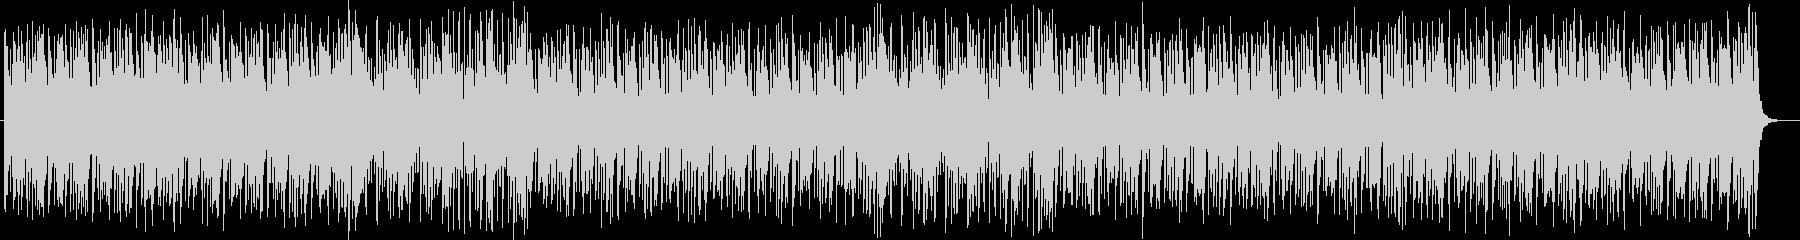 陽気なピアノポップスの未再生の波形